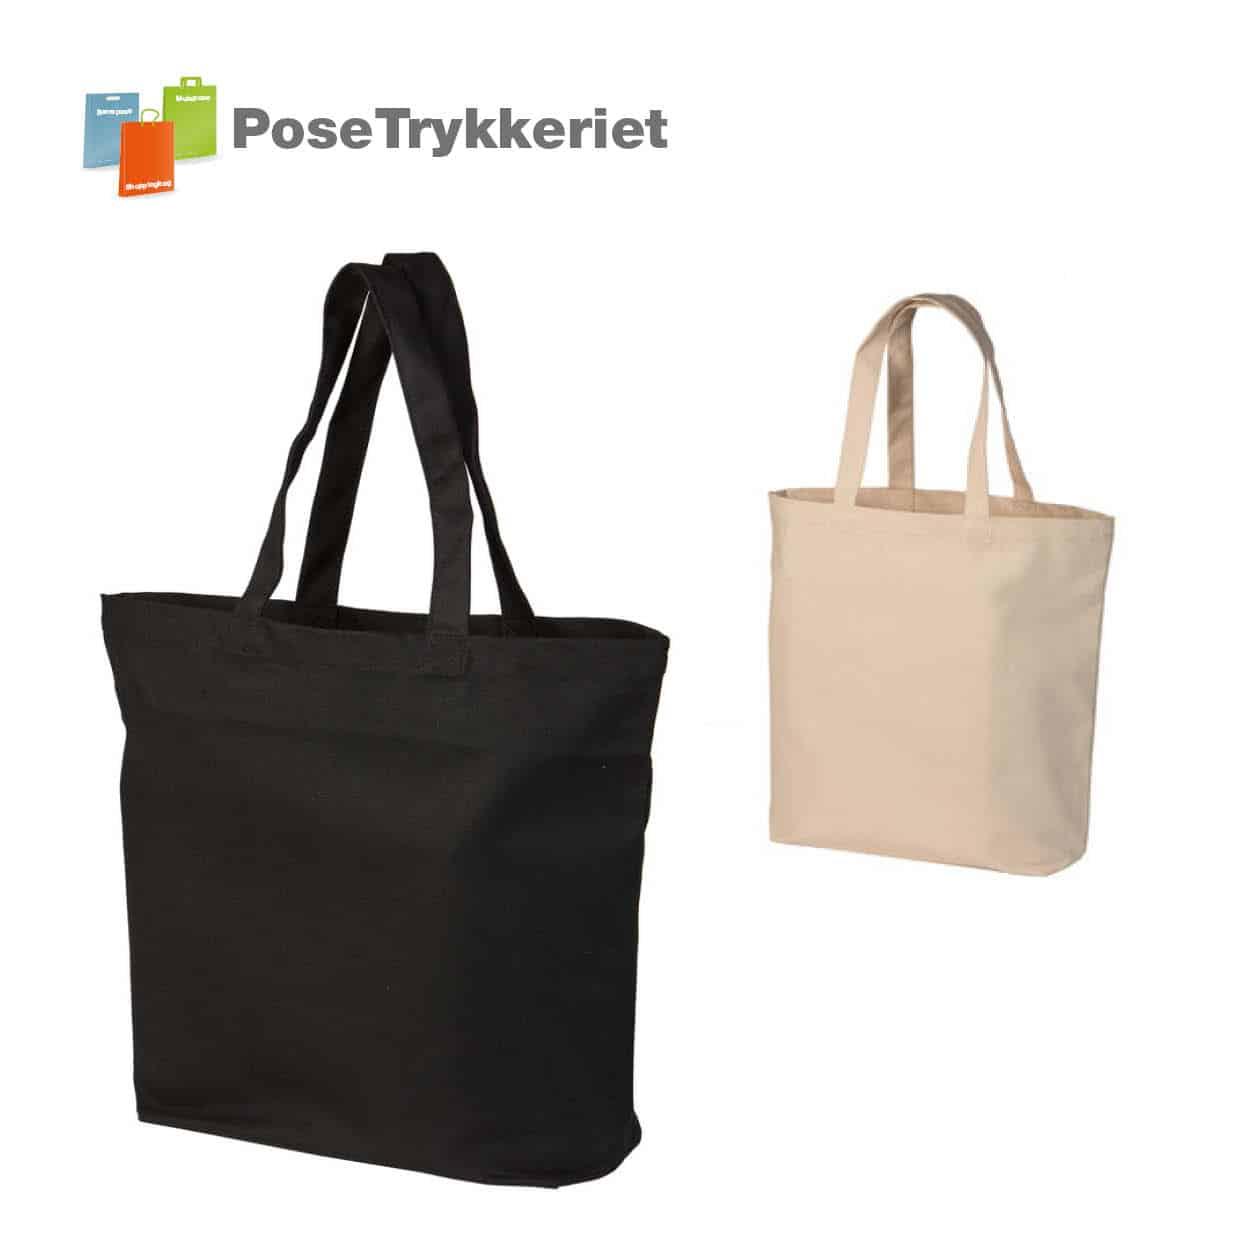 Ekstra stor shopping taske med logotryk.. Posetrykkeriet.dk